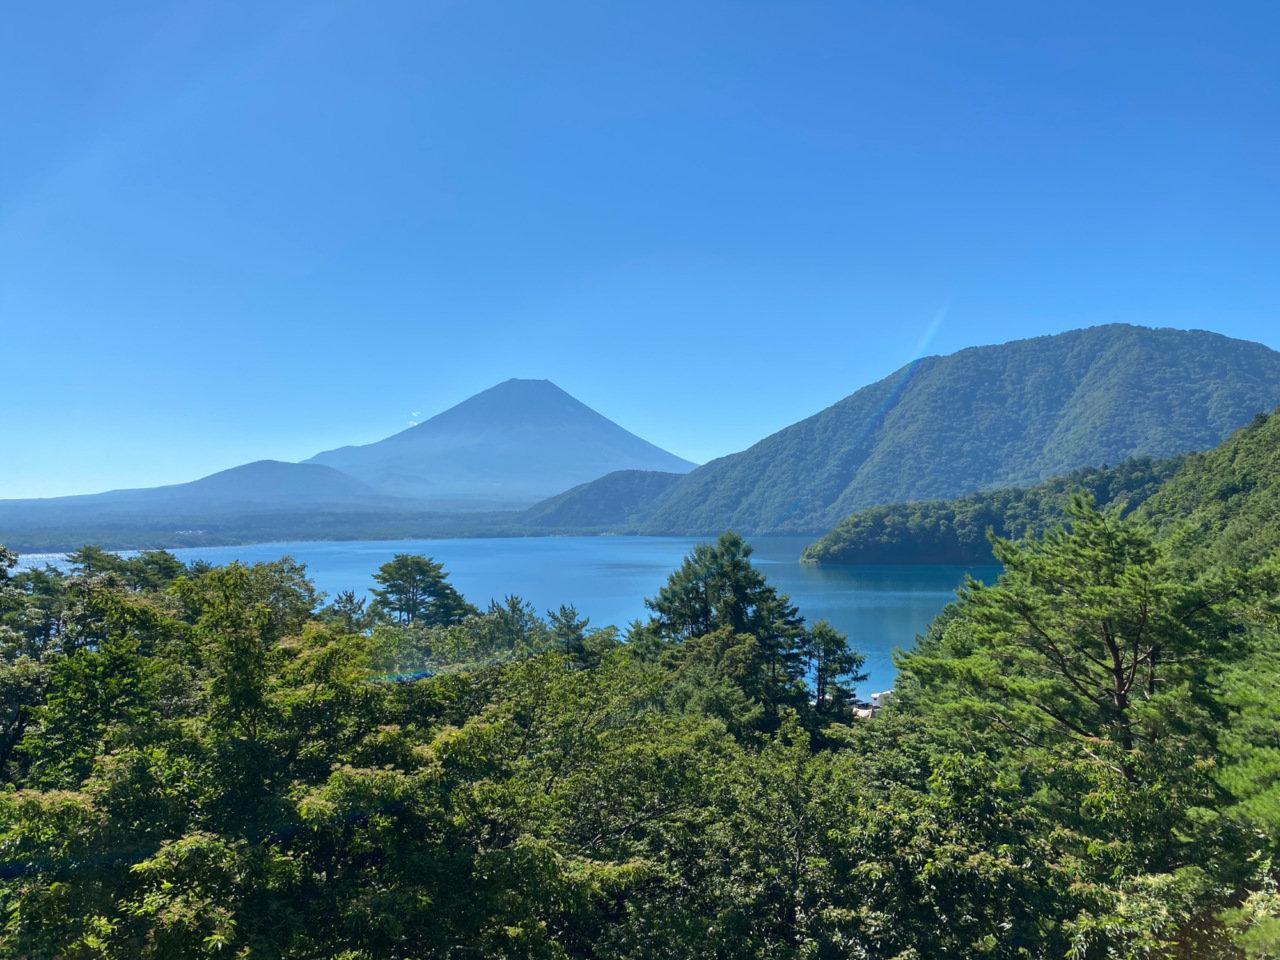 週末はローカルへいこう。ゆるキャンの聖地、本栖湖へカヤックあそびにいってきた。